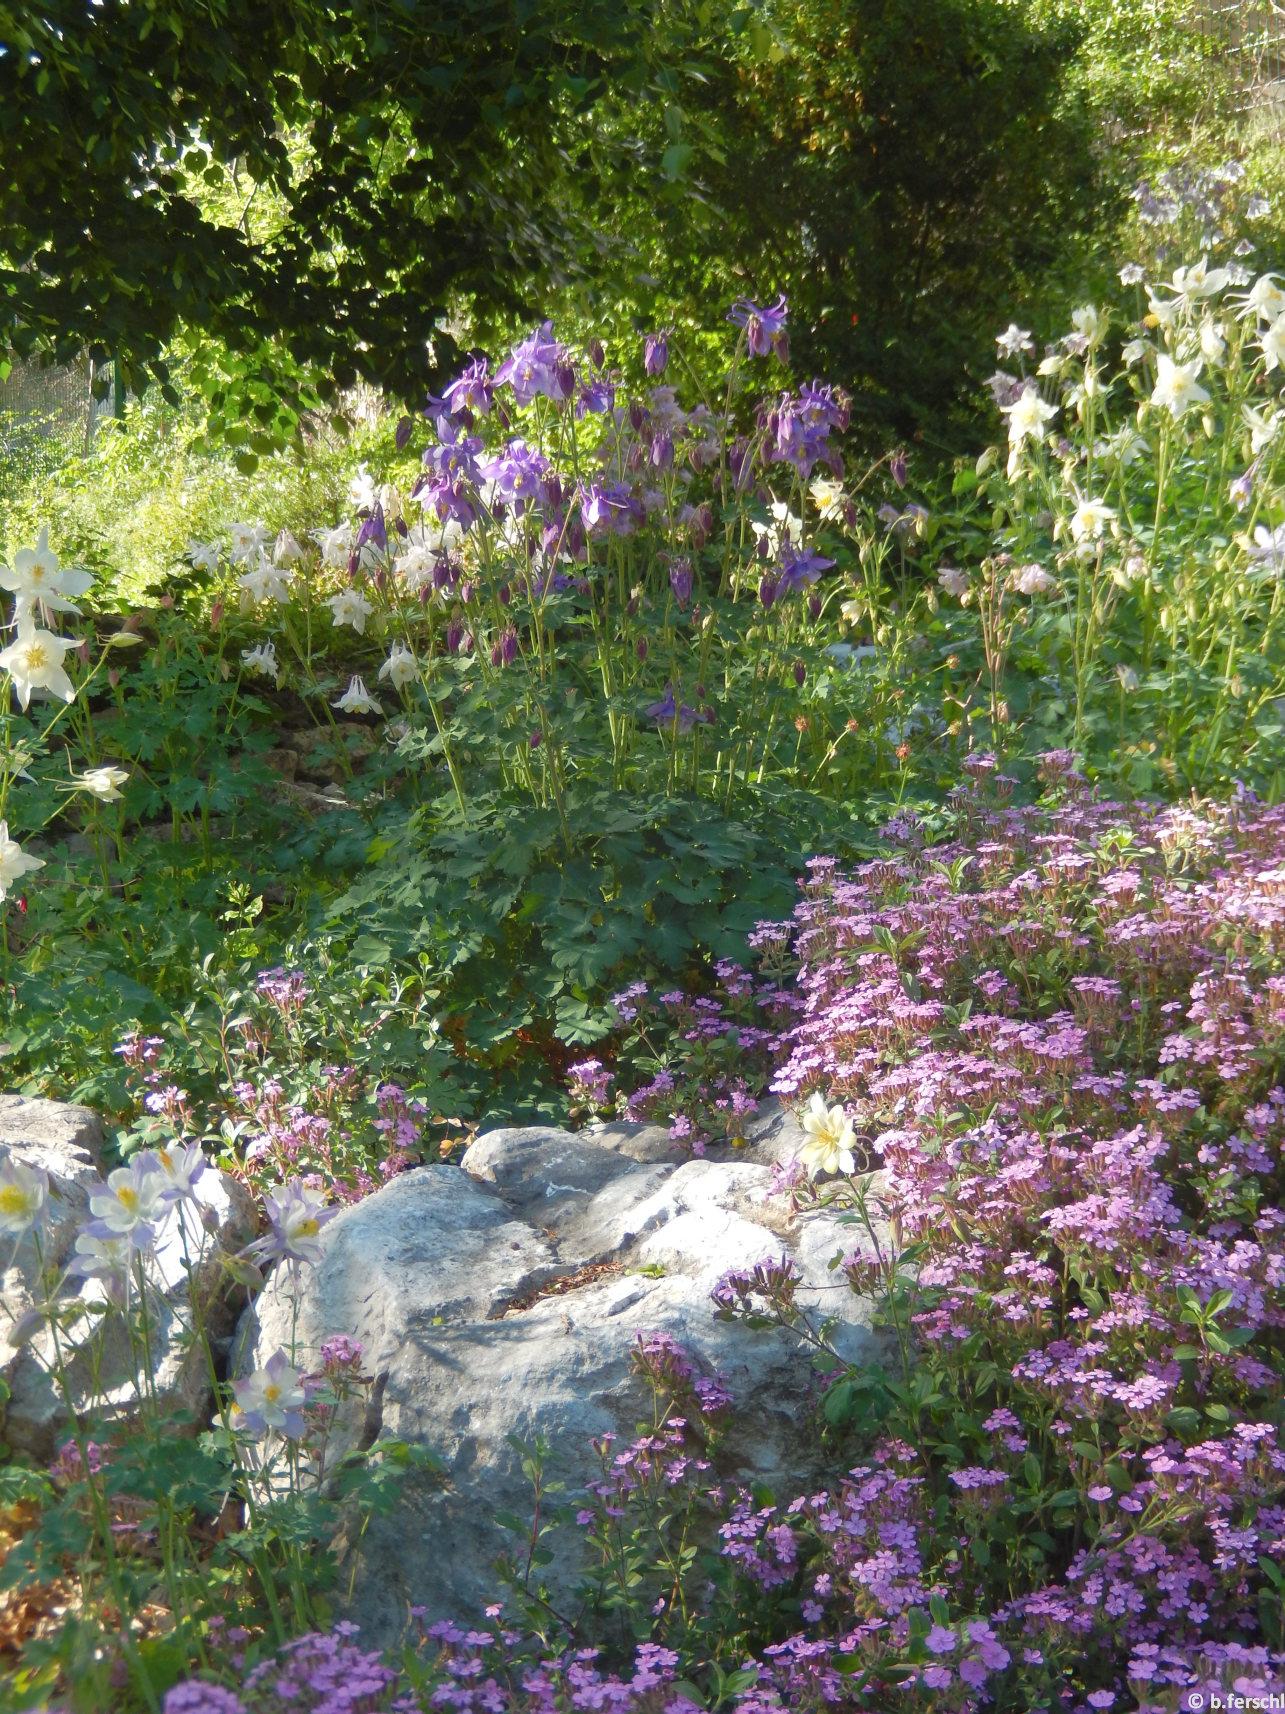 A sziklakert legnépesebb, virágzó évelője májusban a harangláb (Aquilegia vulgaris)